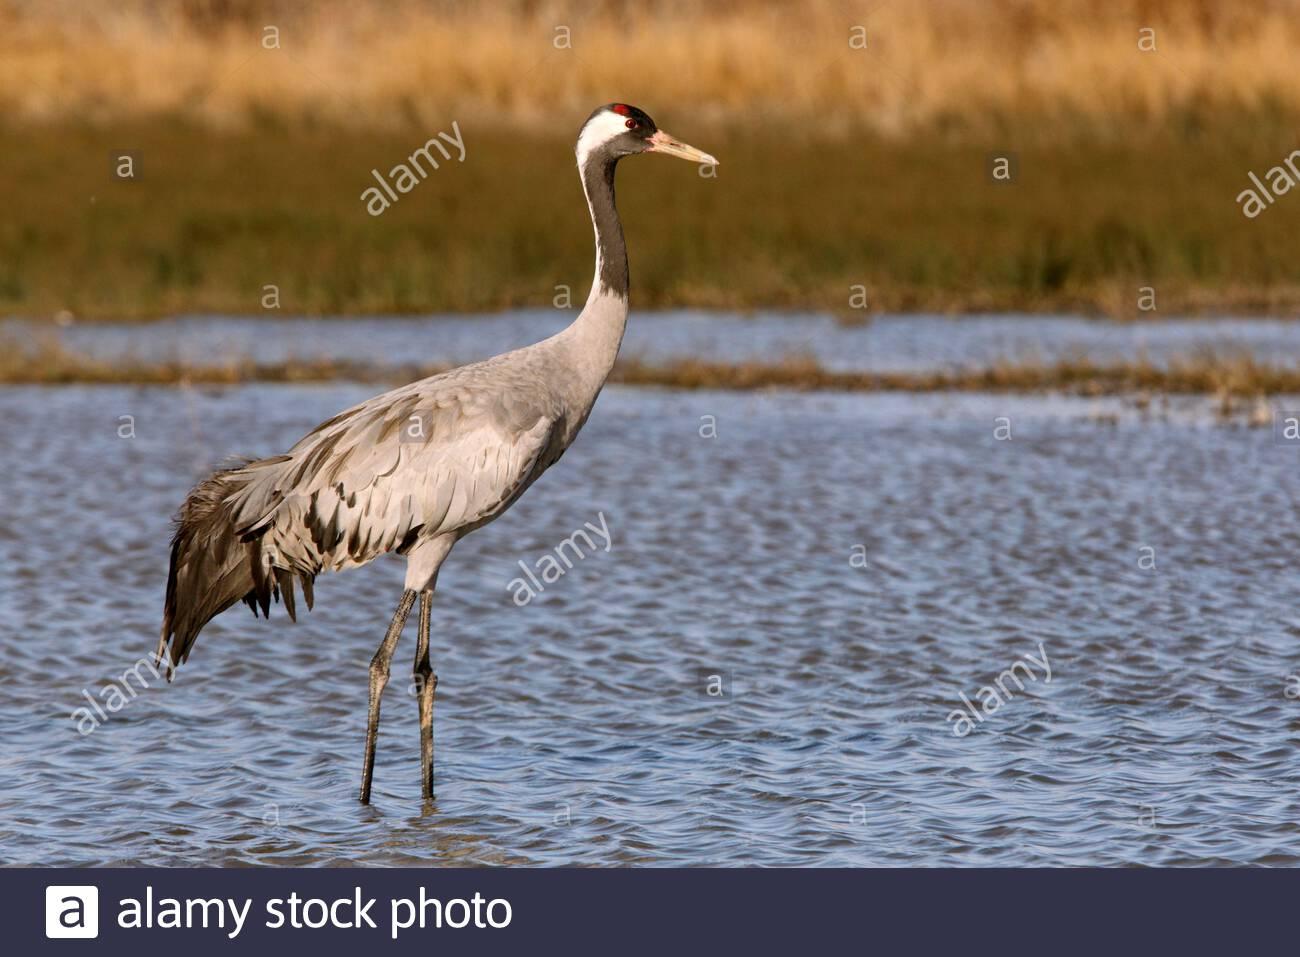 Common crane, Grus grus, birds Stock Photo